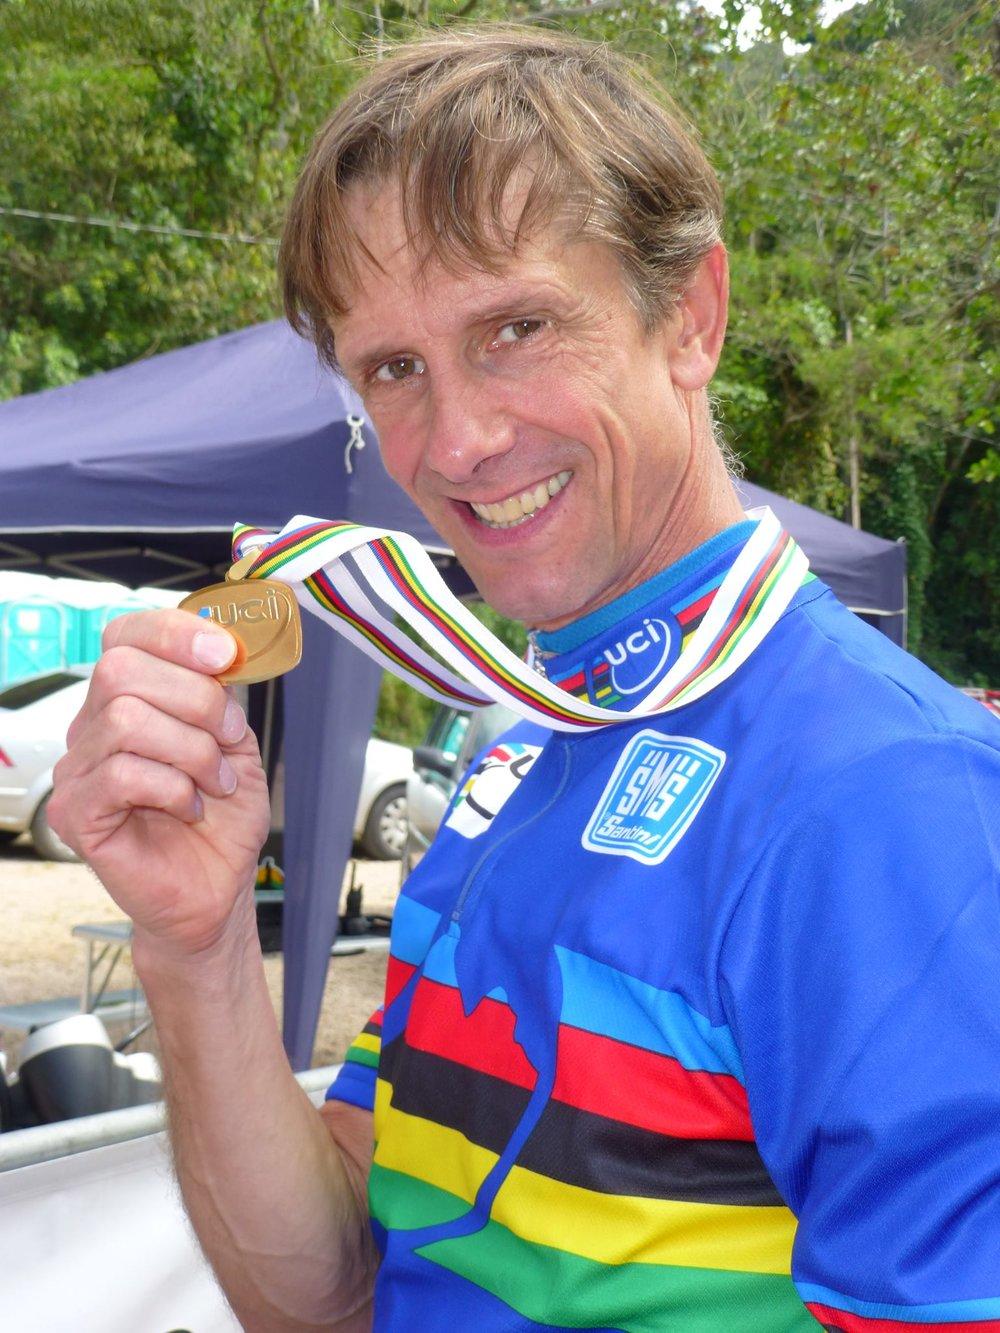 """Svensk-, Europa-och Världsmästare för veteraner i cykelcross och mountainbike    Att ta hjälp av toppfysik är det smartaste jag gjort som idrottsutövare. Förutom idrottsliga framgångar som jag bara vågat drömma om, så har detta gjort att jag kunnat kombinera ett """"normalt"""" liv med hård idrottssatsning. Jag brukar beskriva samarbetet som att jag köper mig tid. Tidigare tränade jag ostrukturerat 20–30h/v, men under toppfysiks ledning lägger jag ned 10-15h/v och får likväl bättre träningseffekt. All träning är en del i årsplanen och oerhört tidseffektiv. Men absolut största vinsten med att ha en personlig tränare är vid de tillfällen saker inte fungerar, t.ex. skador och formsvackor. Då är det ovärderligt att få objektivt stöd i analys av orsaker och hjälp med korrigering."""